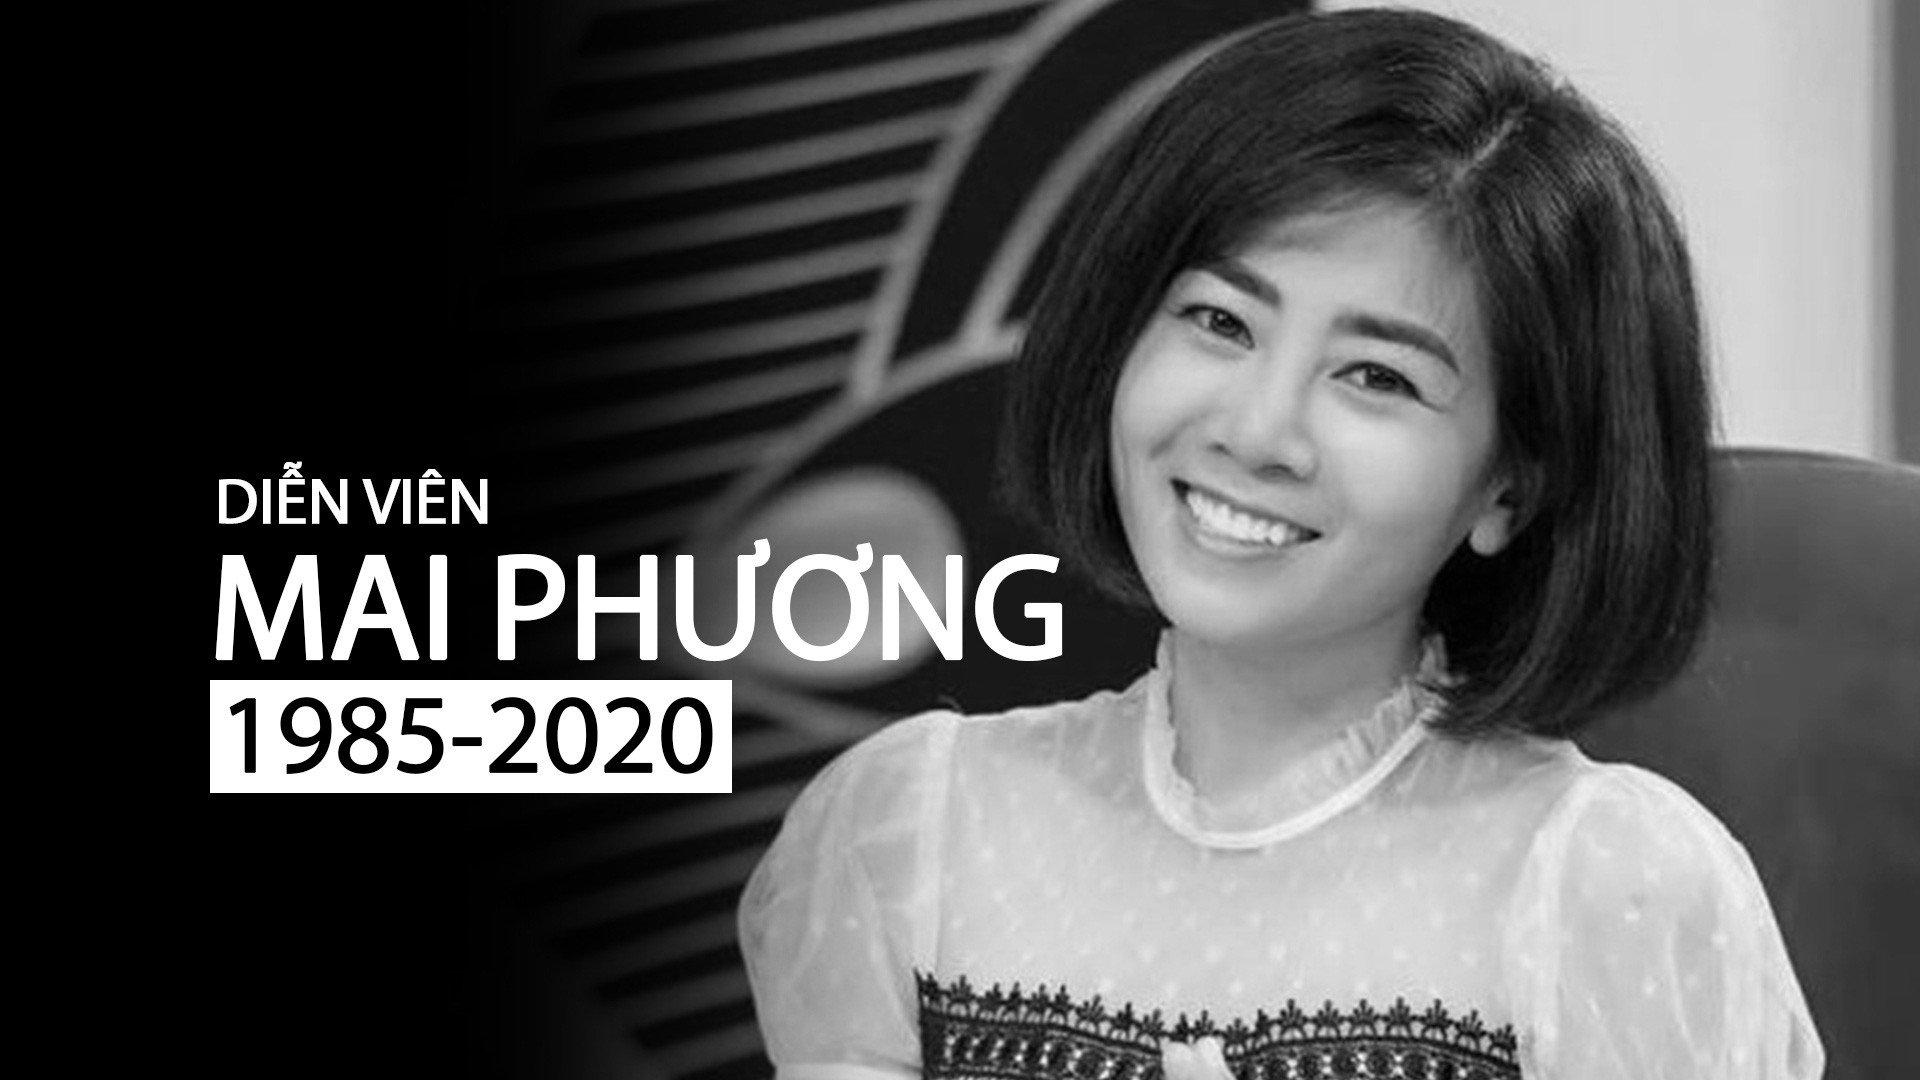 Nghệ sĩ Việt xót xa khi hay tin Mai Phương qua đời: